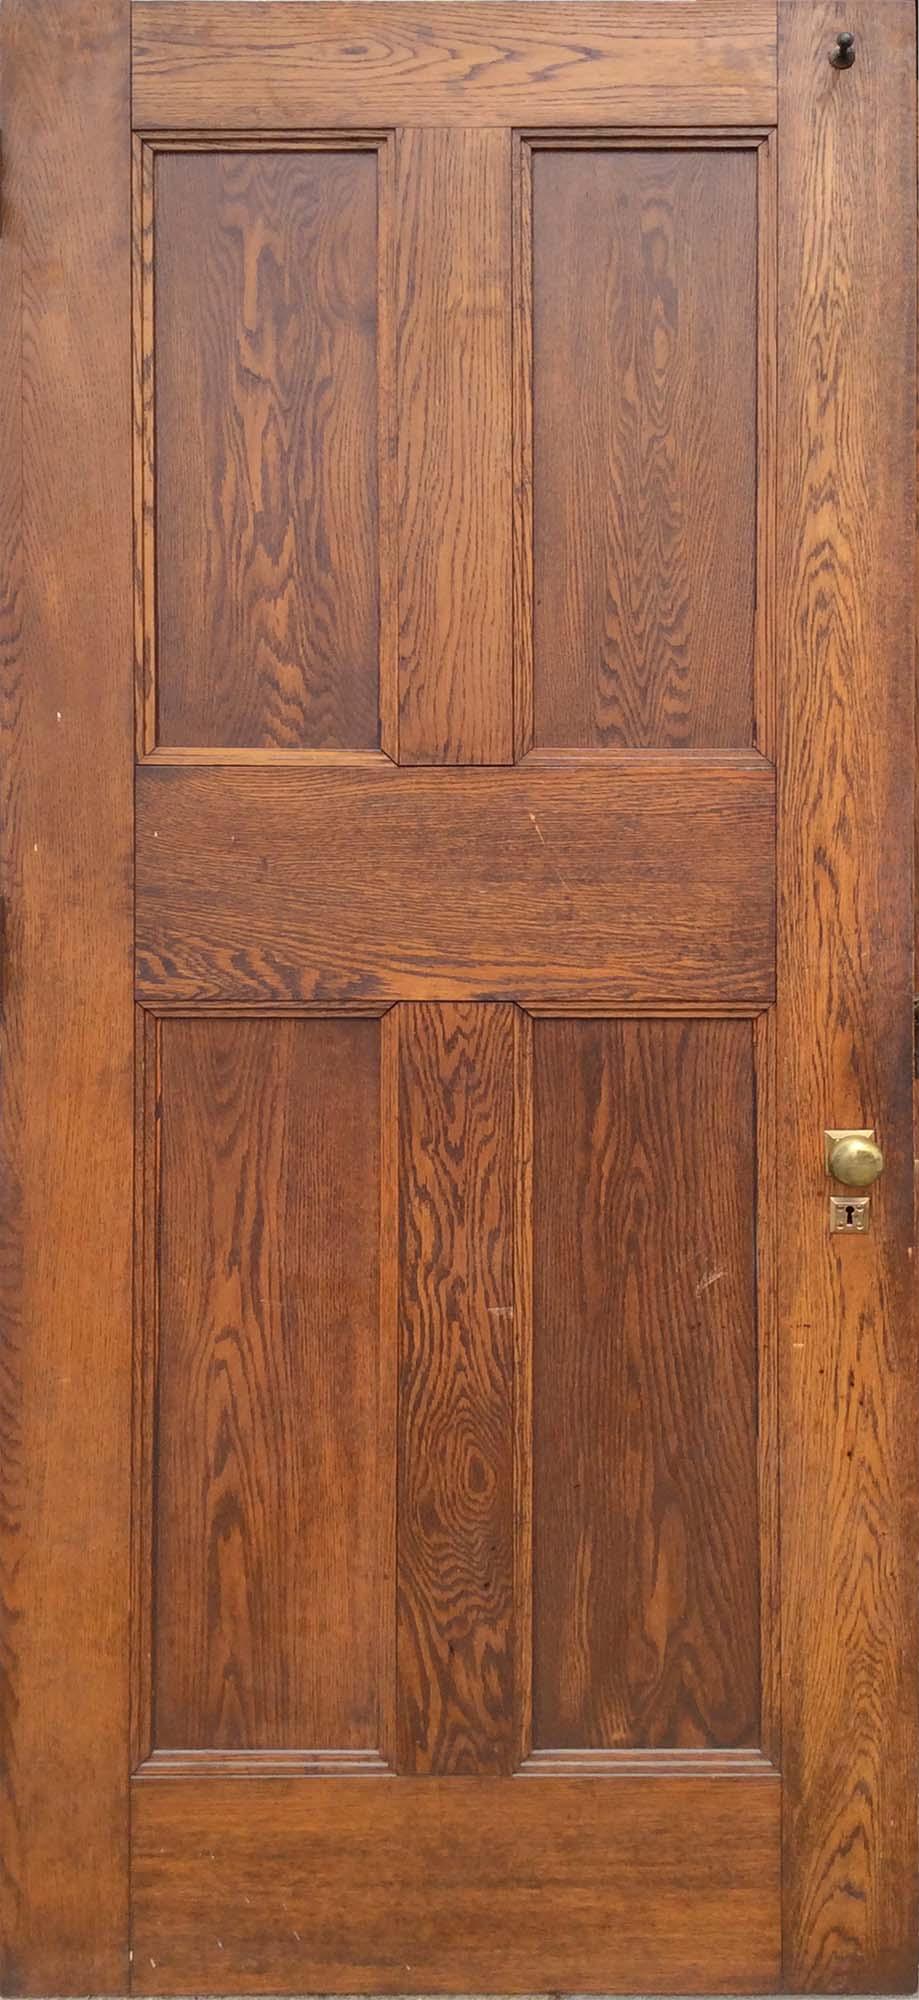 Solid Oak 4 Panel Door